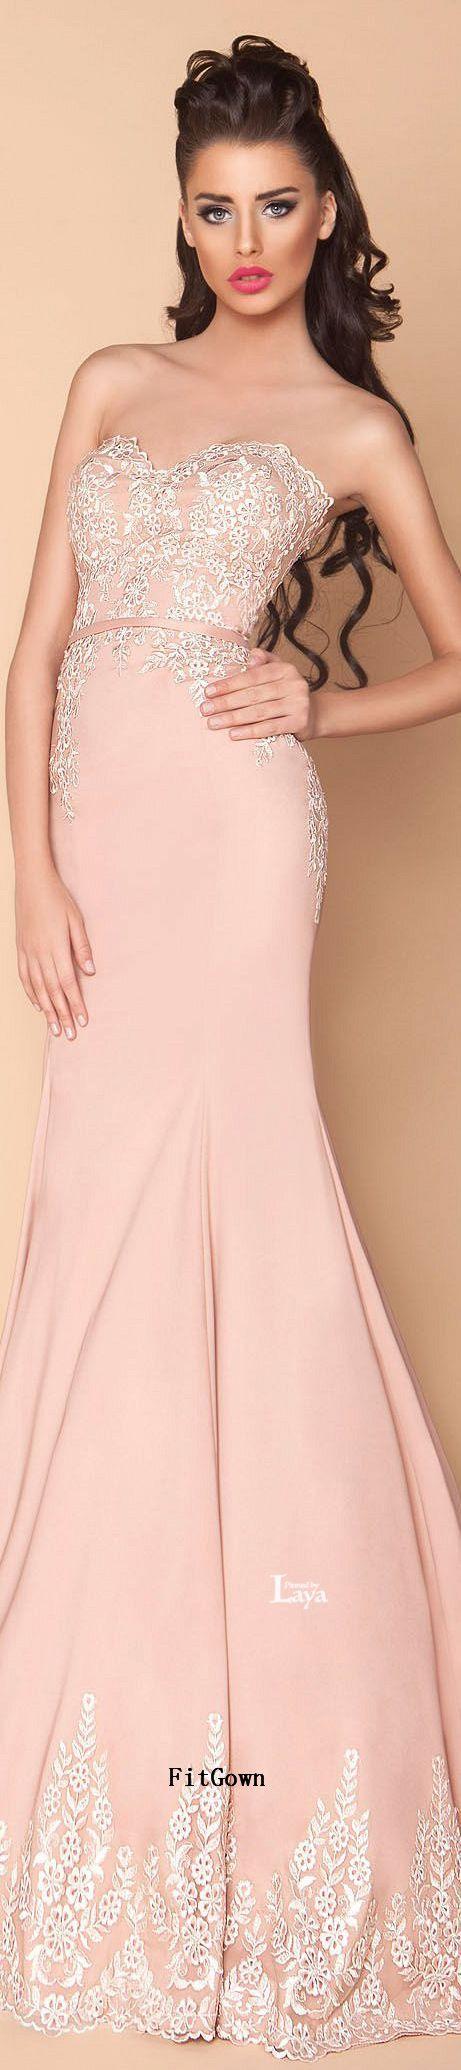 Vistoso Prom Vestidos Aberdeen Festooning - Colección del Vestido de ...